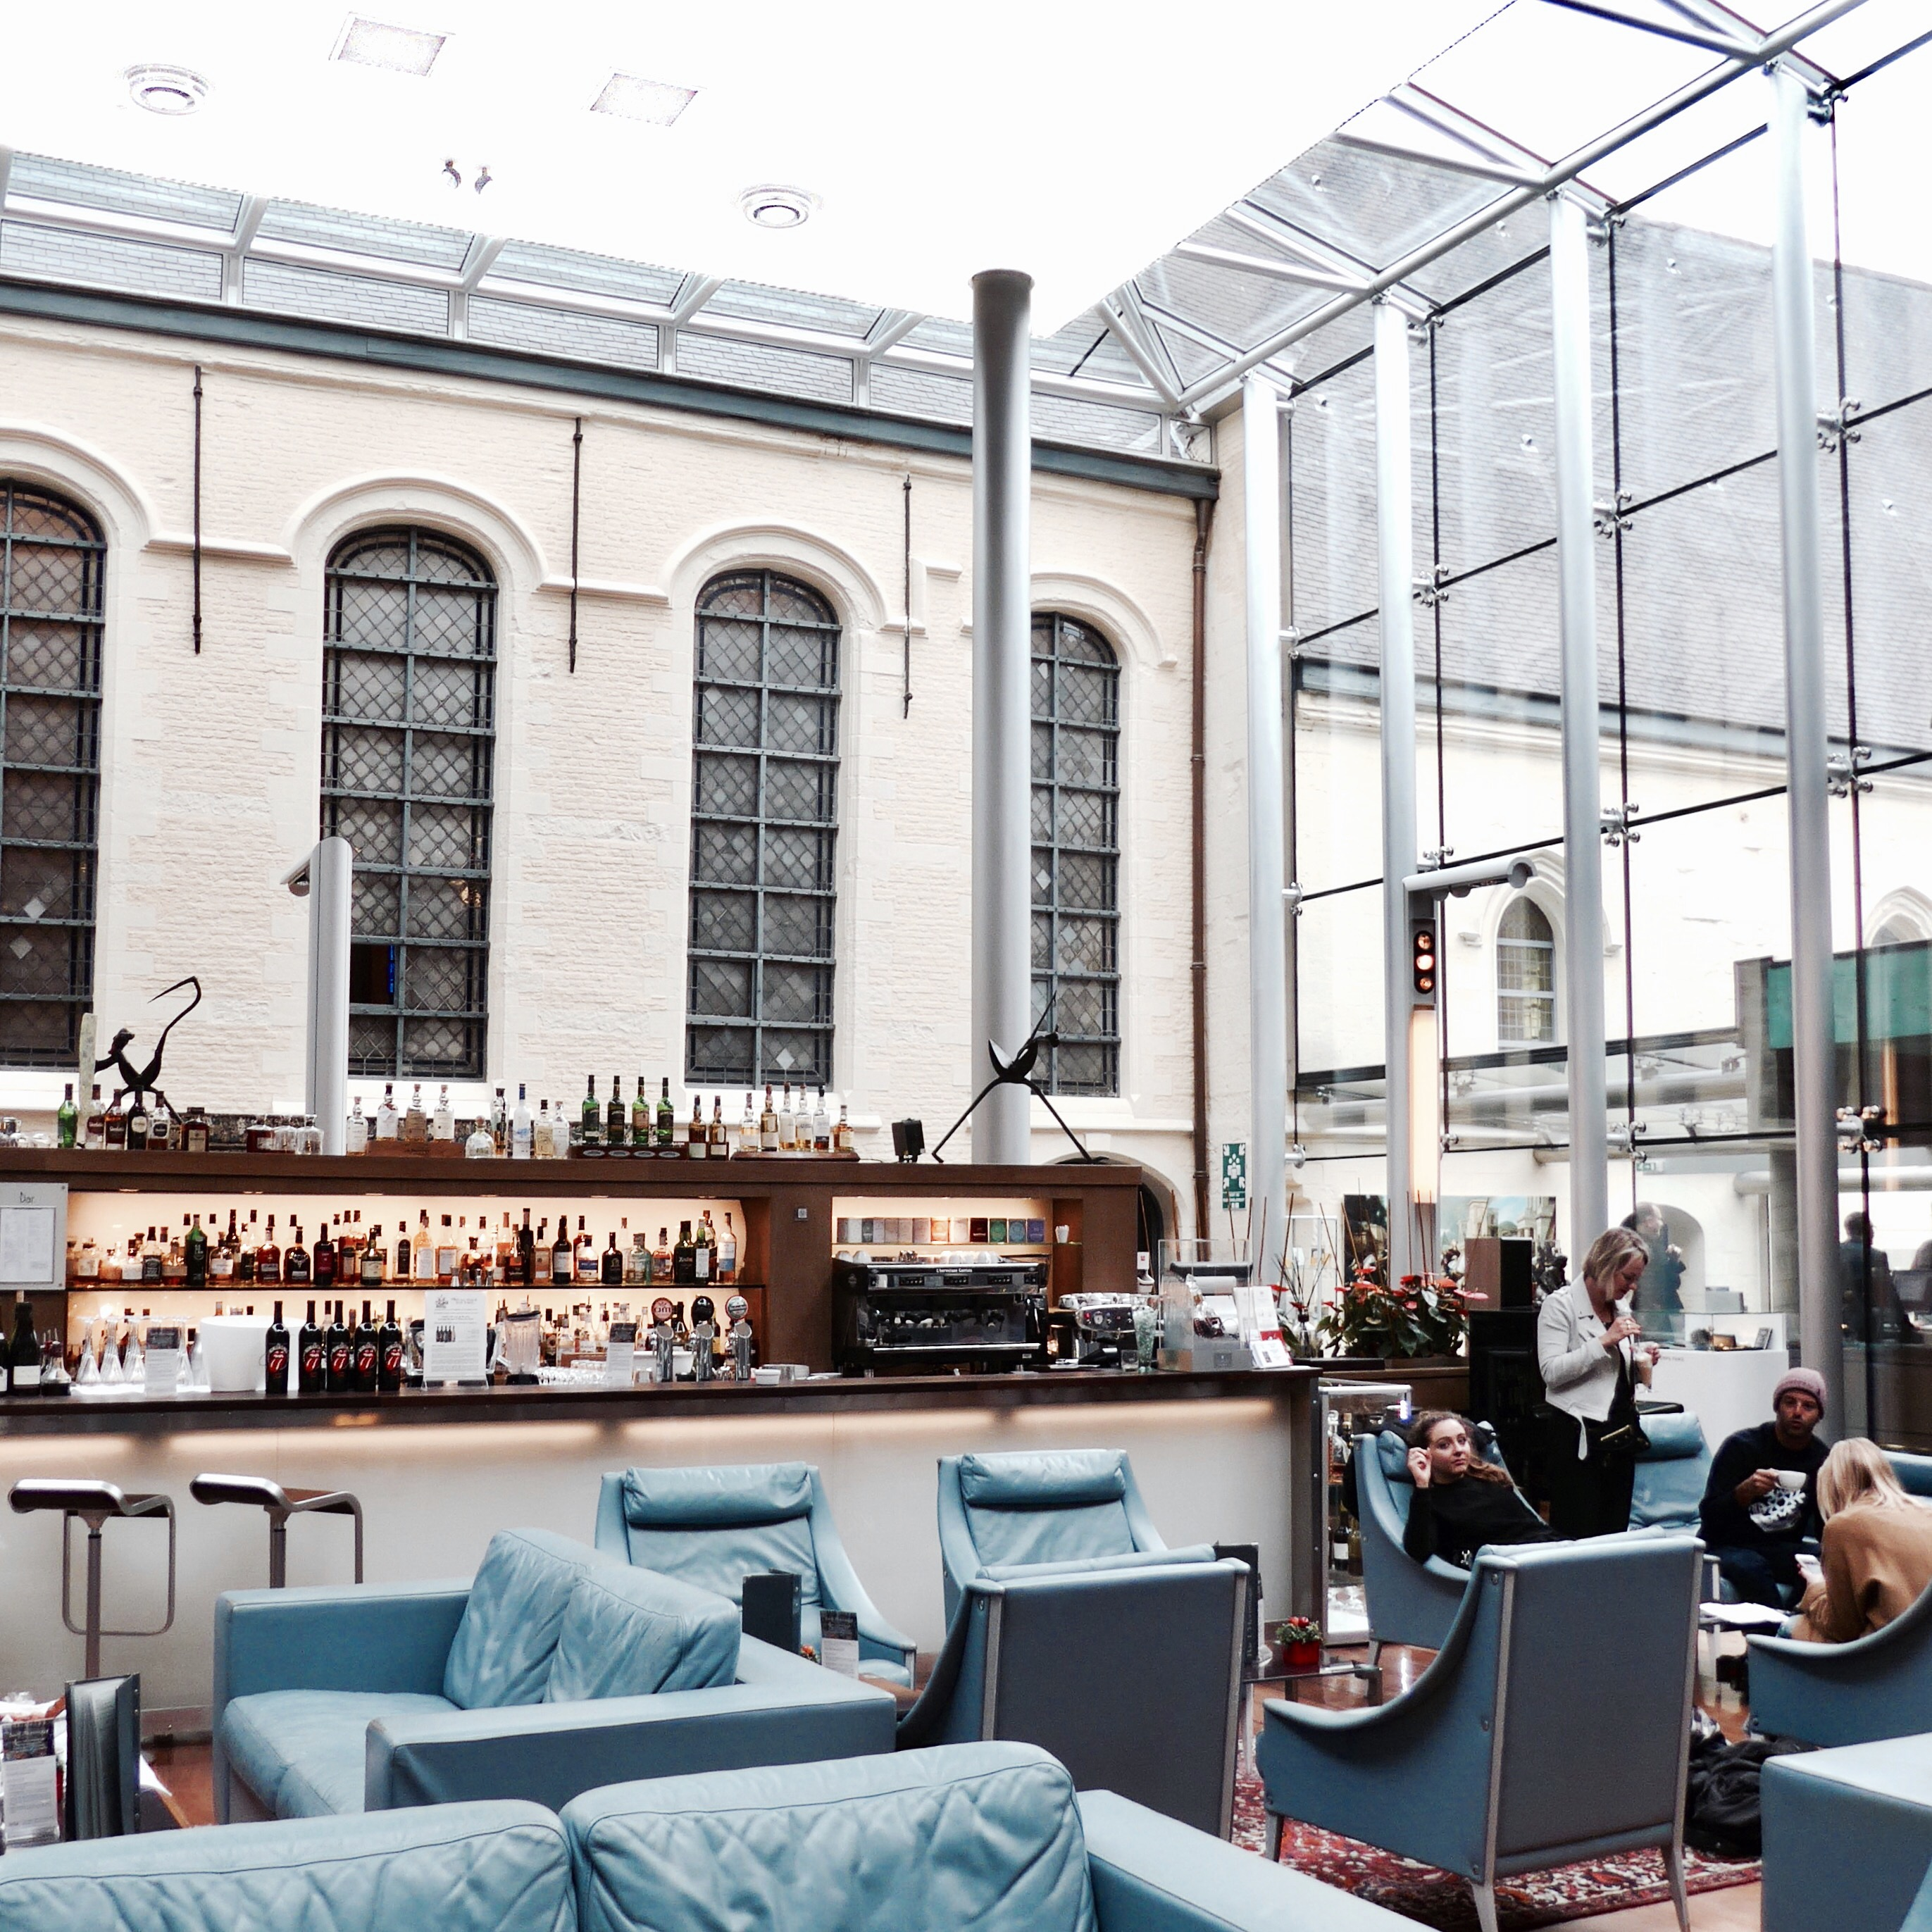 Restaurant Vieux Lille Florent Top Chef